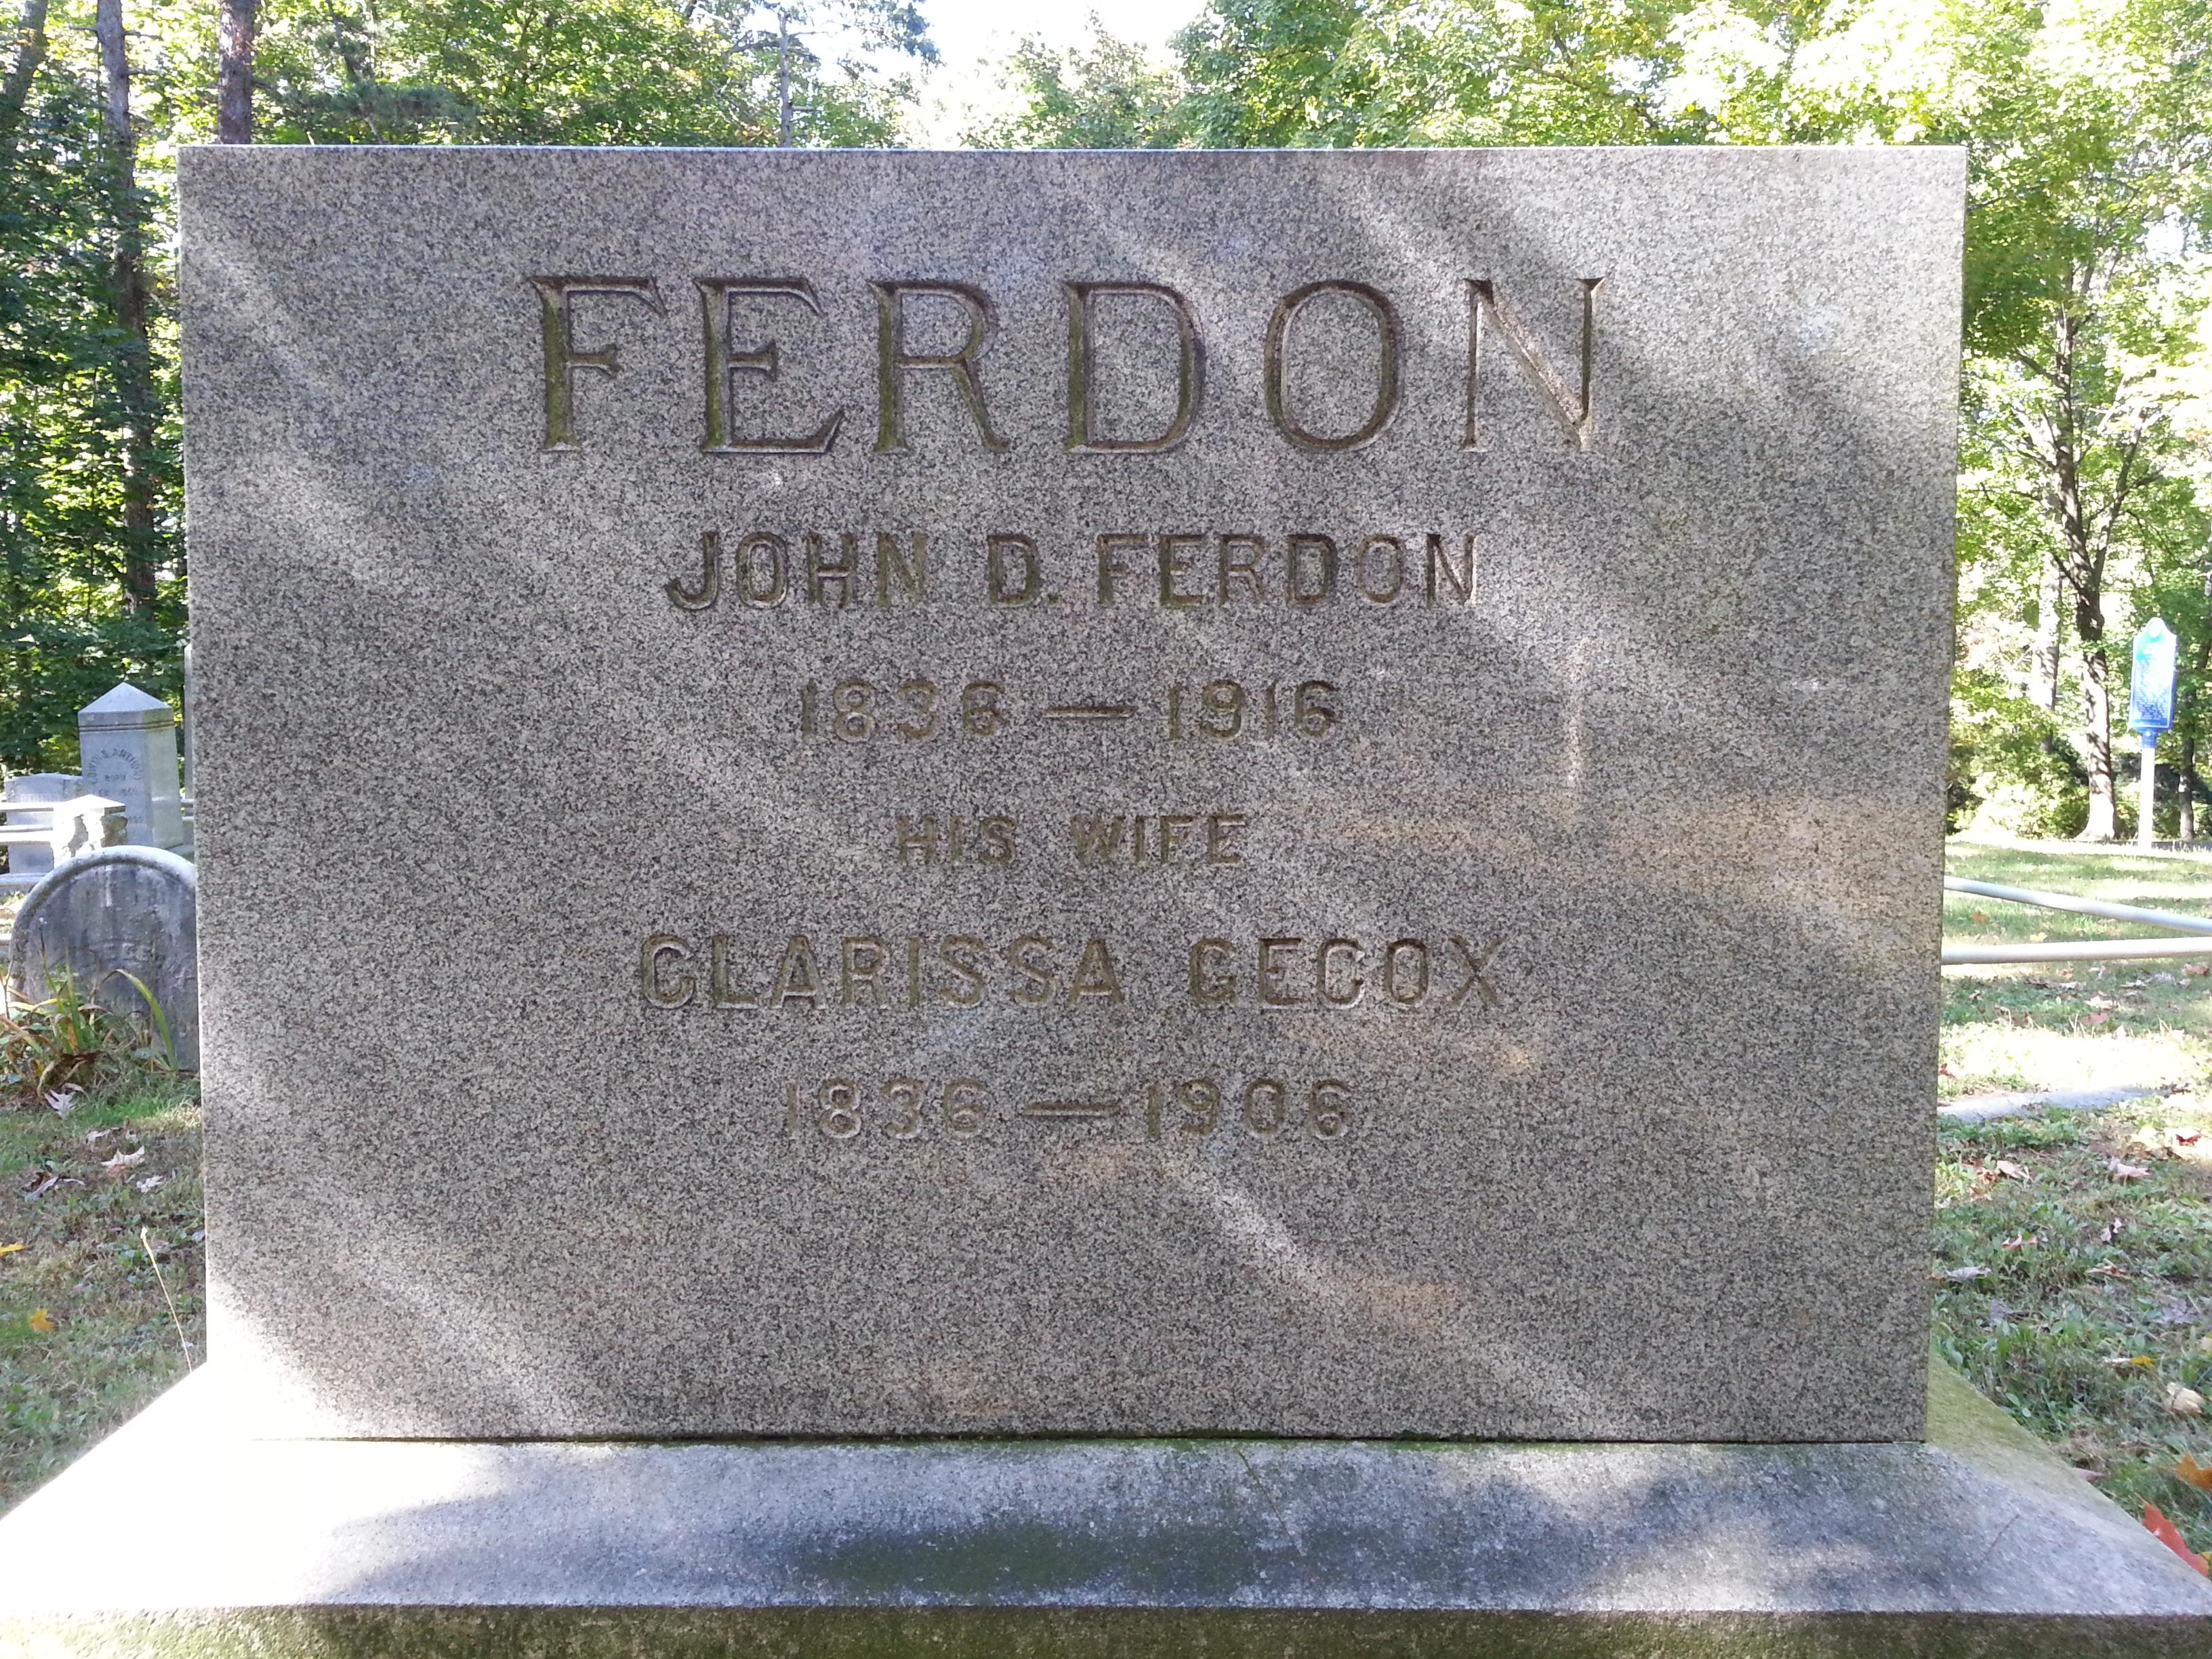 John Ferdon